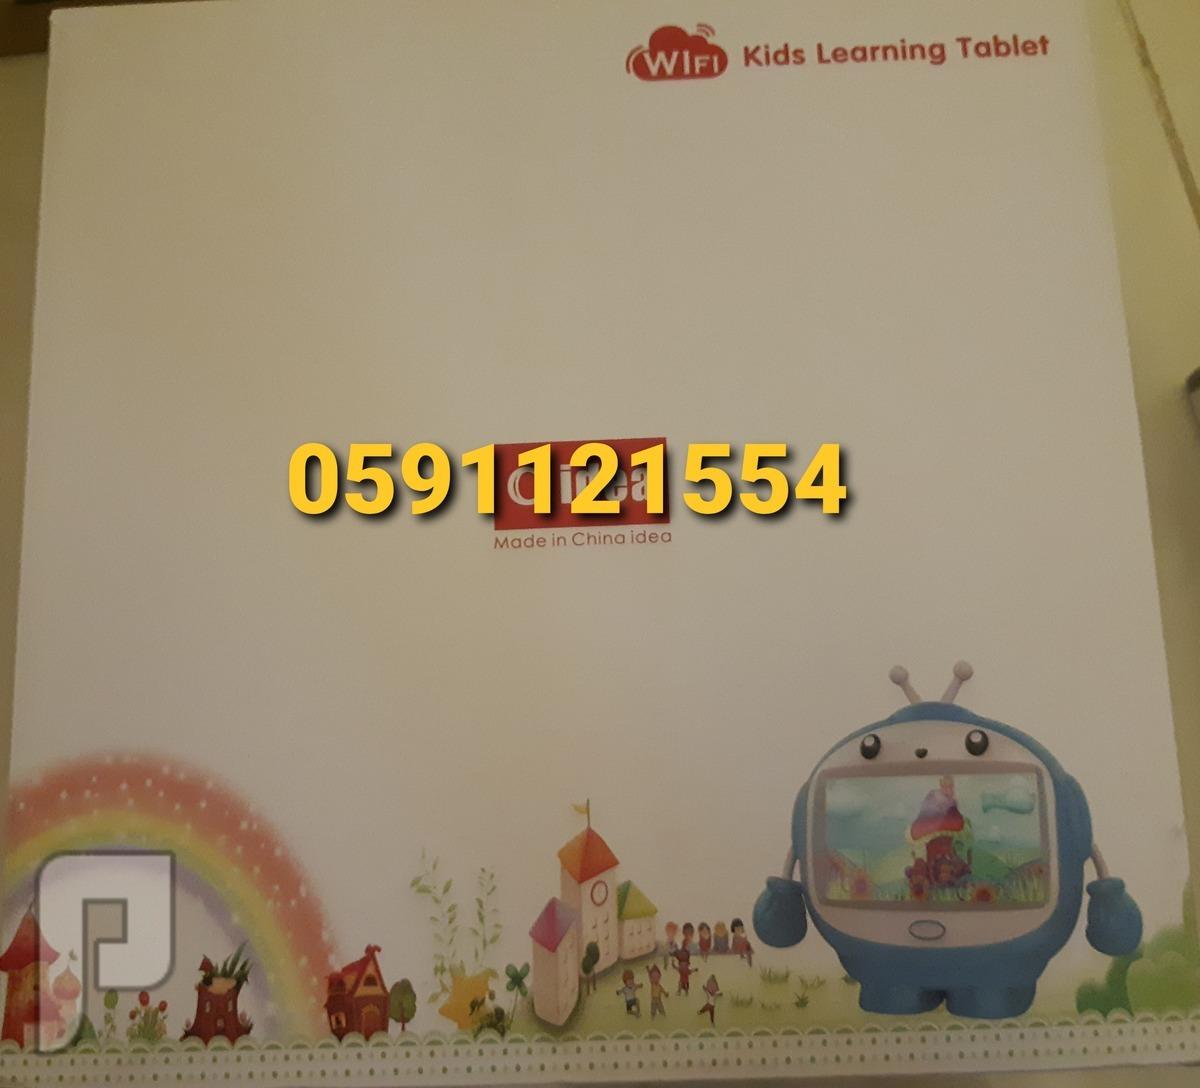 ايباد تعليمي وترفيهي للأطفال ذاكرة 32 جيجا مع 2 مايك مفيد وعملي وترفيهي